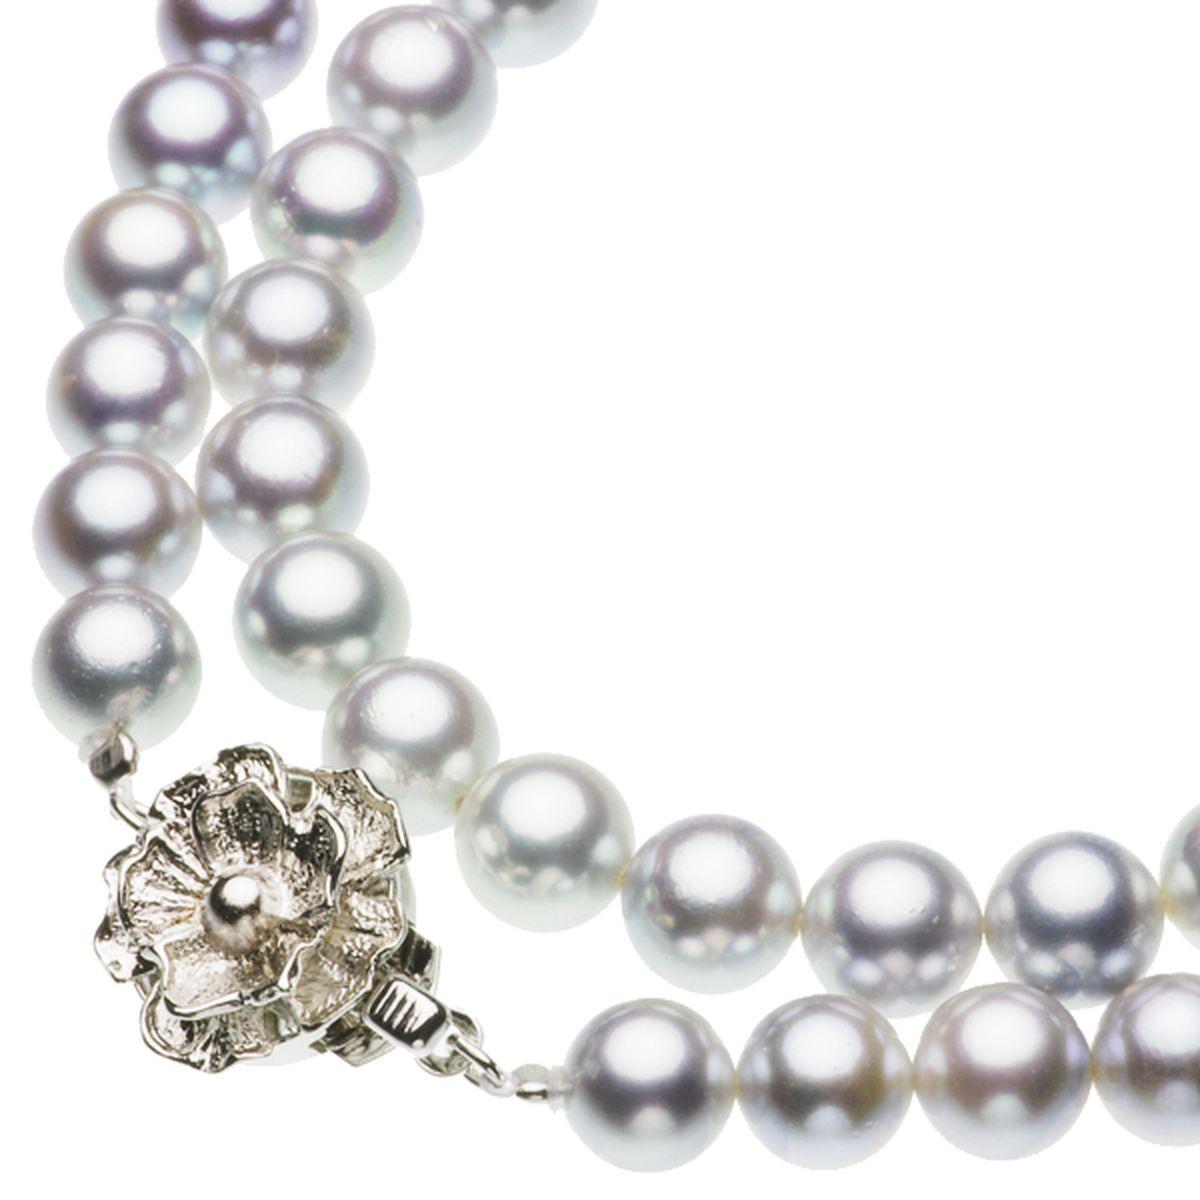 アコヤ真珠フォーマルネックレス 約7.0-7.5mmの写真